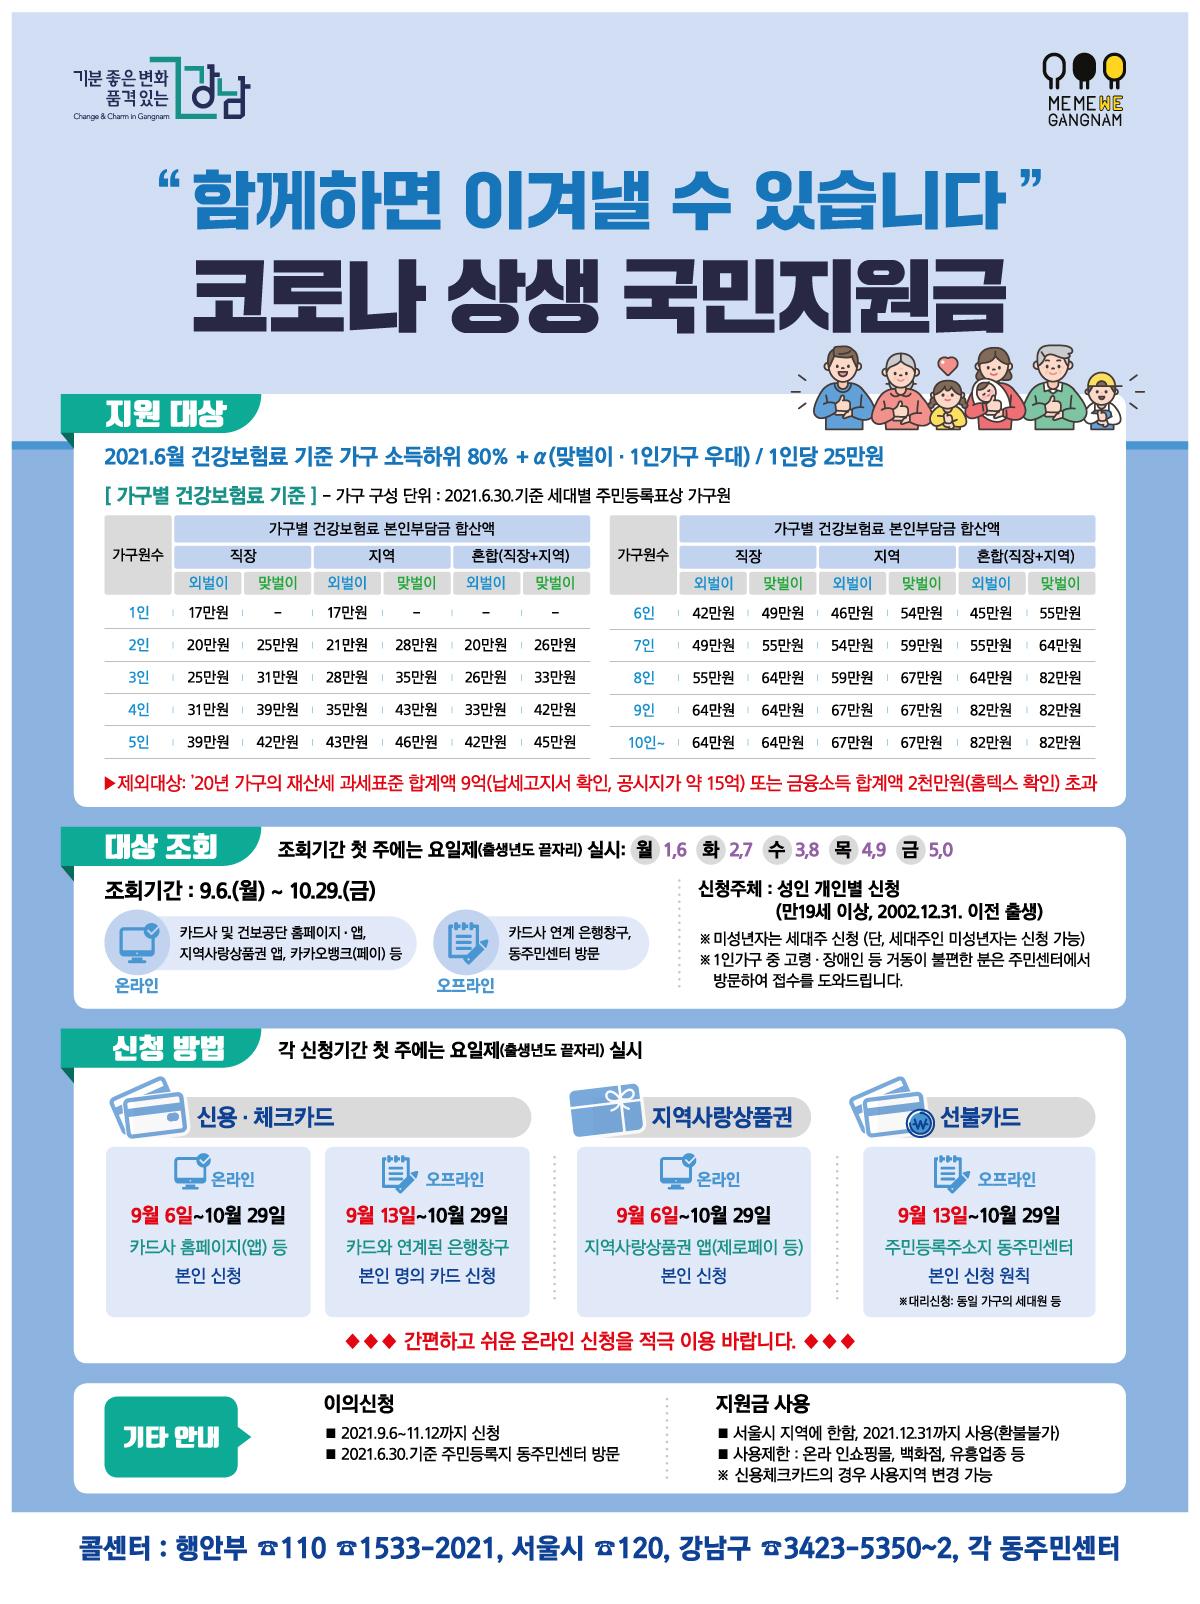 상생 국민지원금 지원사업 안내 포스터